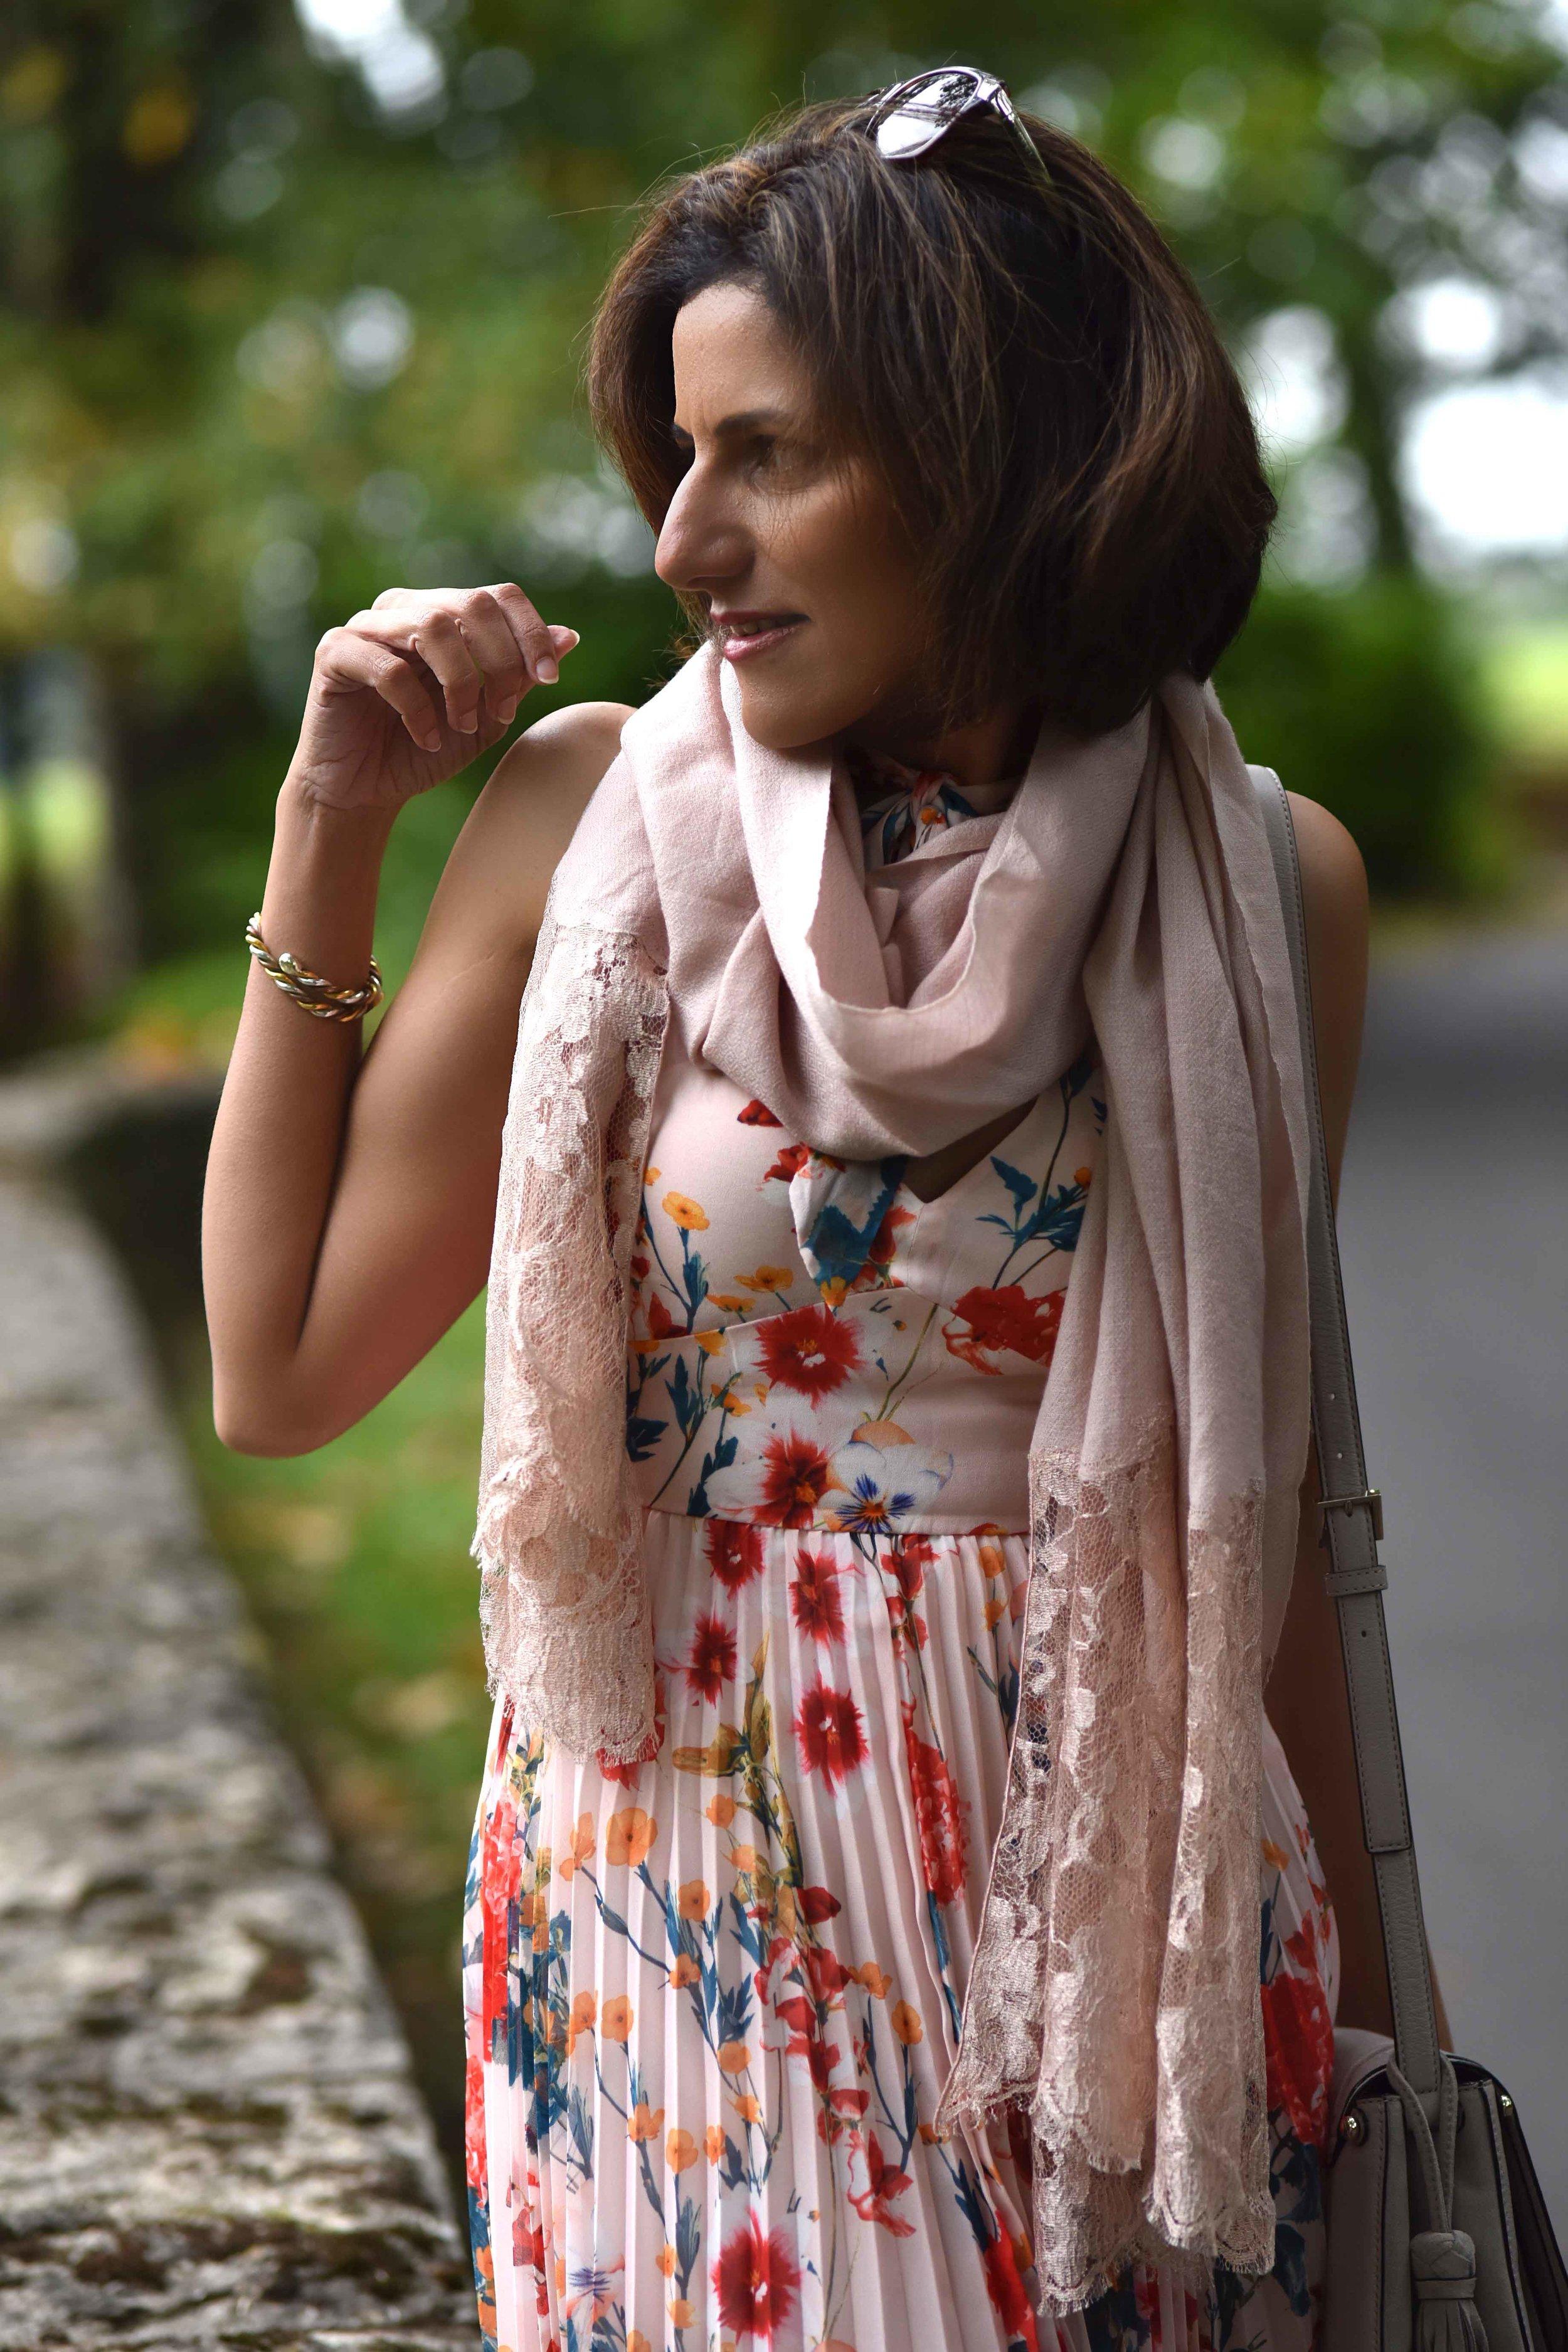 Karen Millen floral dress, Coworth Park Hotel, Ascot, U.K. Image©sourcingstyle.com